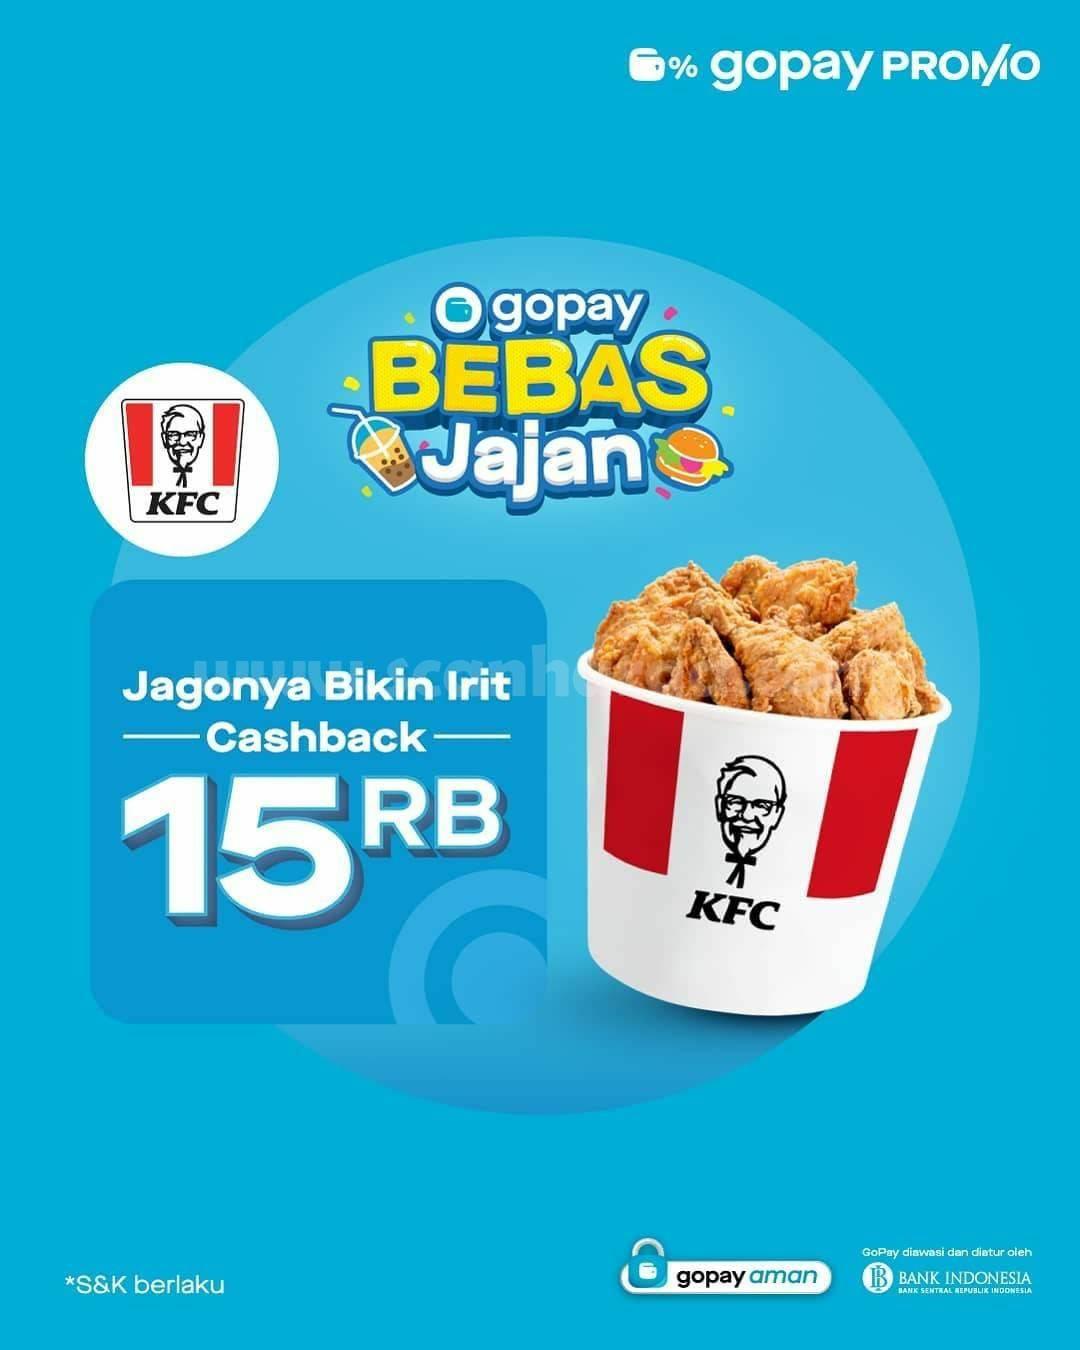 Promo KFC GOPAY Bebas Jajan Cashback 15 RIBU!